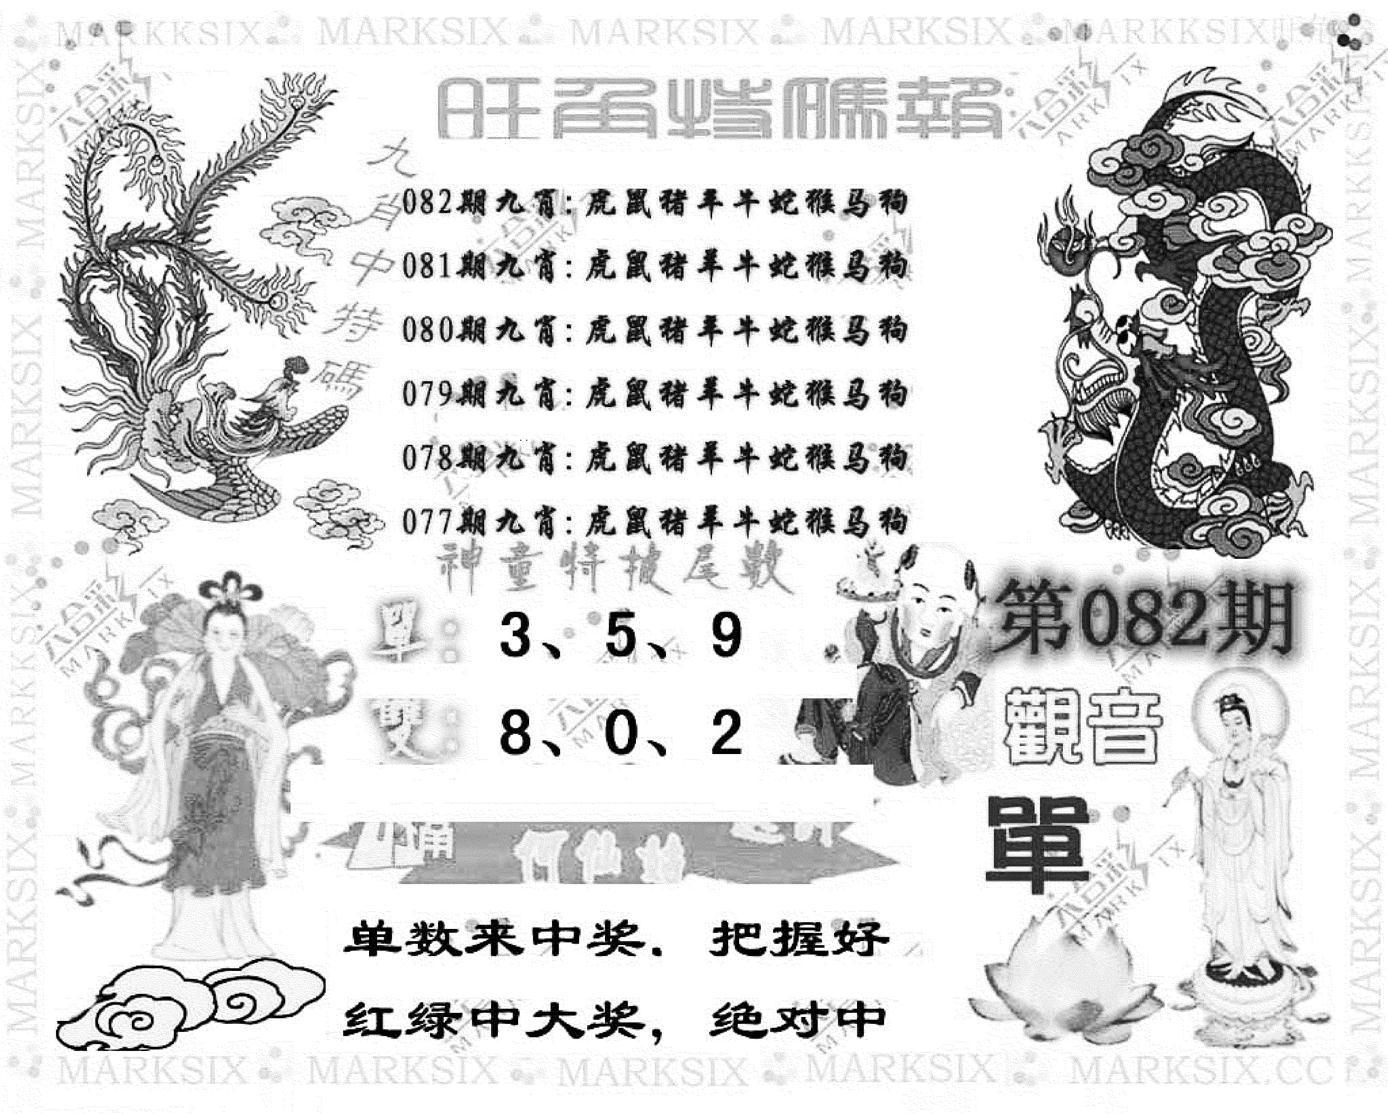 082期旺角特码报(彩)(黑白)